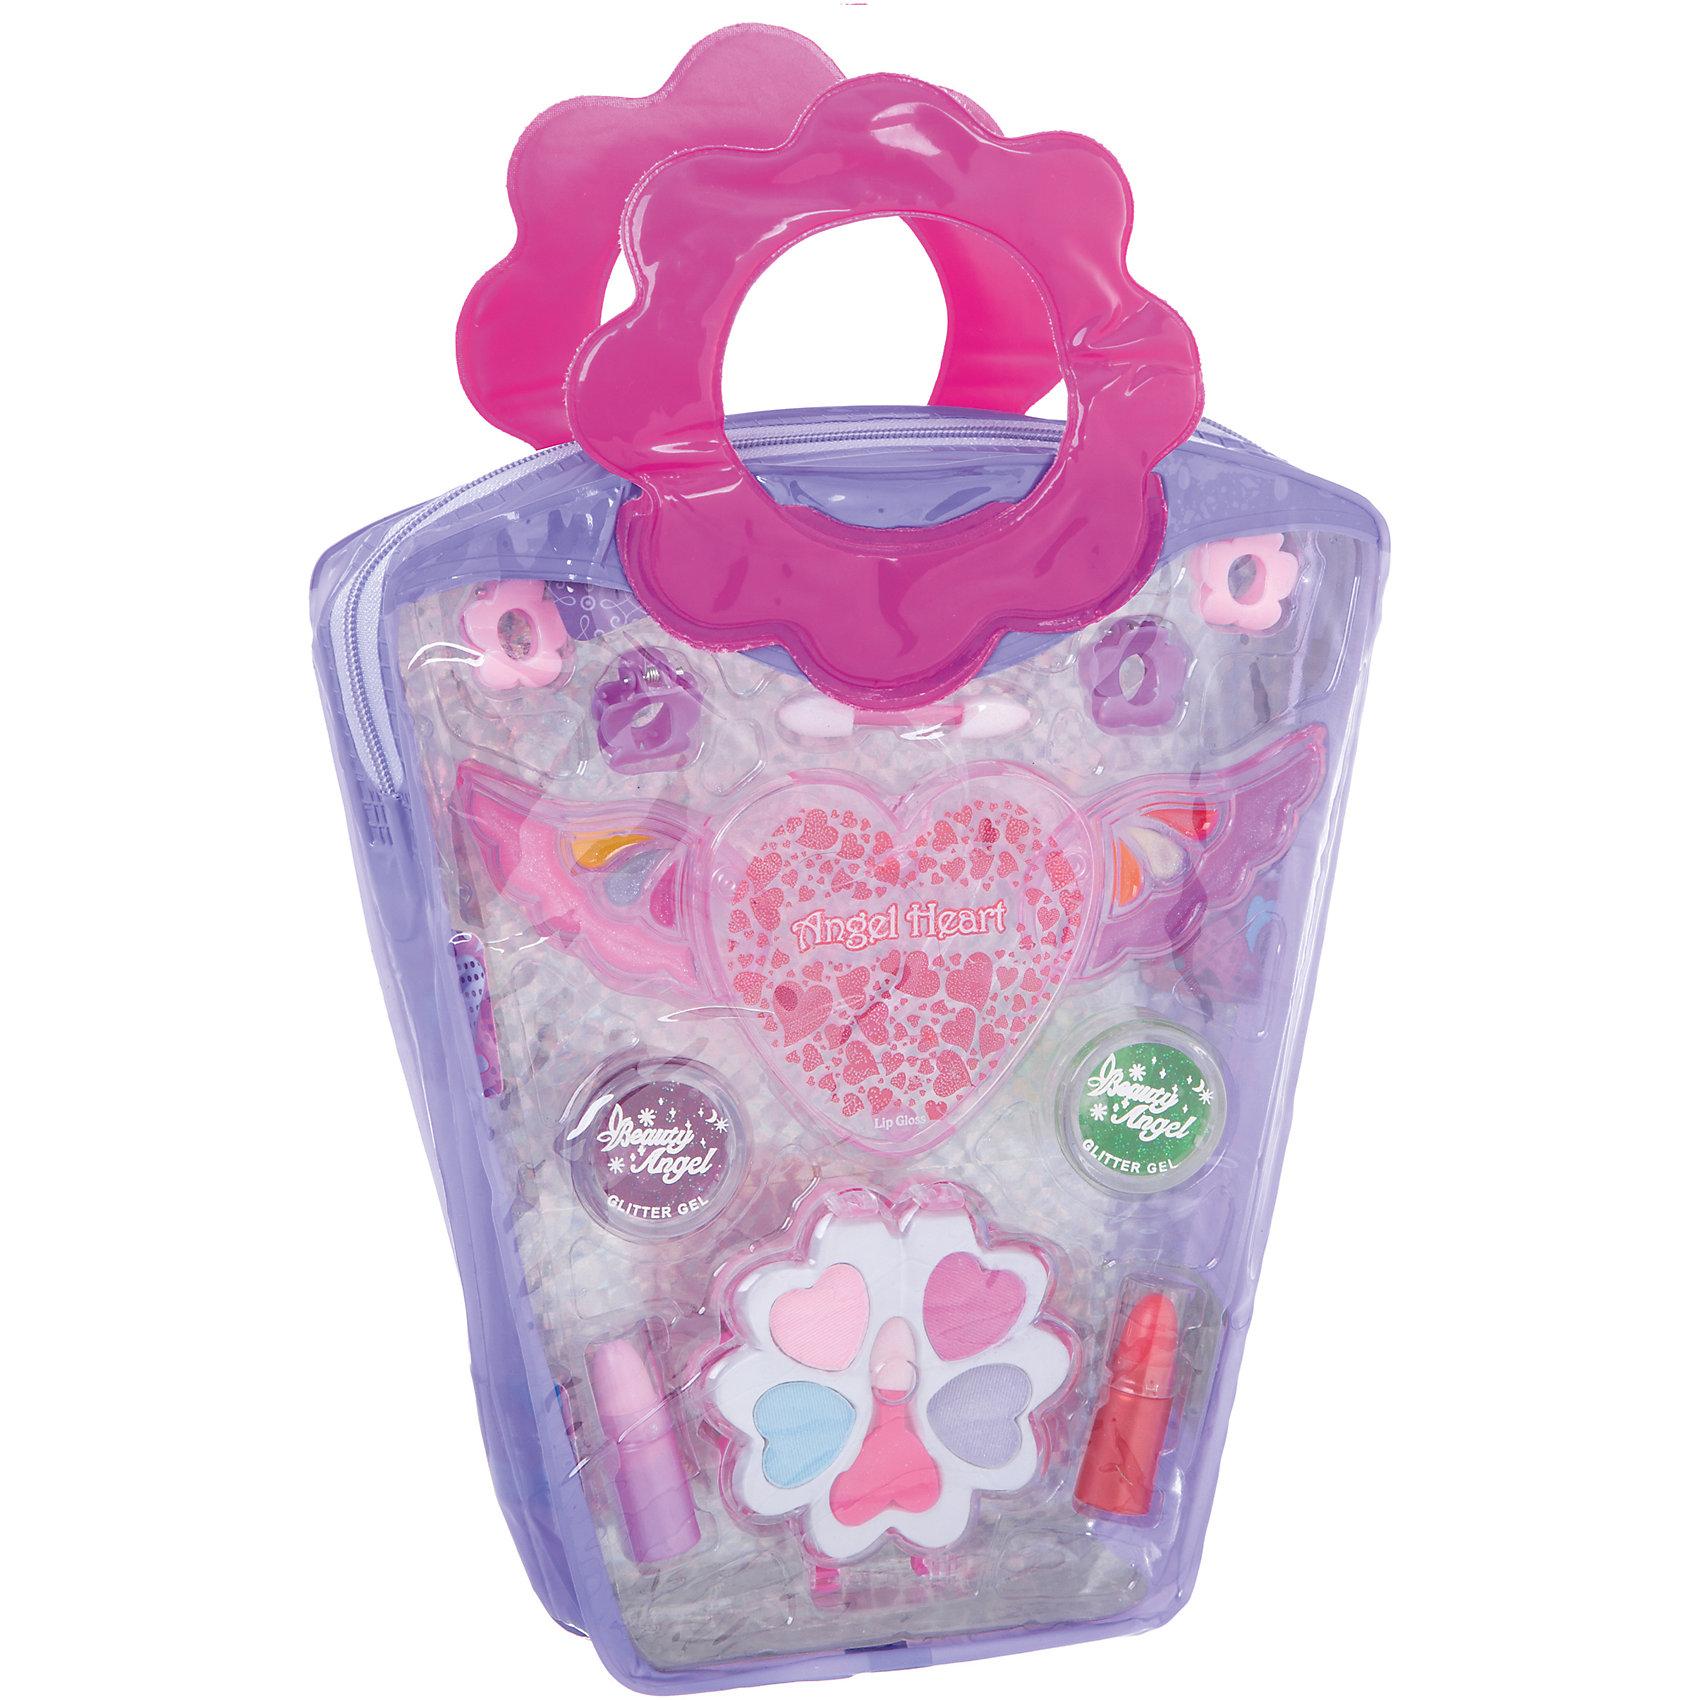 Детская декоративная косметика Тени для век Eva ModaНаборы детской косметики<br>Характеристики товара:<br><br>• материал: косметические ингредиенты, пластик<br>• размер упаковки: 19x28х4 см<br>• упаковка: сумочка<br>• комплектация: 4 оттенка теней для век, 2 аппликатора, 2 помады, 8 блесков для губ, 2 геля-блеска, 4 заколки<br>• декоративная косметика<br>• возраст: от пяти лет<br>• страна бренда: Бельгия<br>• страна производства: Китай<br><br>Научить девочку пользоватться косметикой и весело провести время поможет этот комплект! Набор состоит из теней для век, помады, аппликаторов и т.д., с их помощью можно сделать различные варианты макияжа. <br>Косметика качественно выполнена, сделана из безопасного для детей сырья. Подобное занятие помогает привить детям вкус, лучше развить мелкую моторику, память, внимание, аккуратность и мышление. Детям полезно такое занятие - они развивают свои способности и начинают верить в свои силы! Отличный подарок для ребенка.<br><br>Детскую декоративную косметику Тени для век Eva Moda Bondibon можно купить в нашем интернет-магазине.<br><br>Ширина мм: 190<br>Глубина мм: 40<br>Высота мм: 285<br>Вес г: 140<br>Возраст от месяцев: 60<br>Возраст до месяцев: 192<br>Пол: Женский<br>Возраст: Детский<br>SKU: 5273316